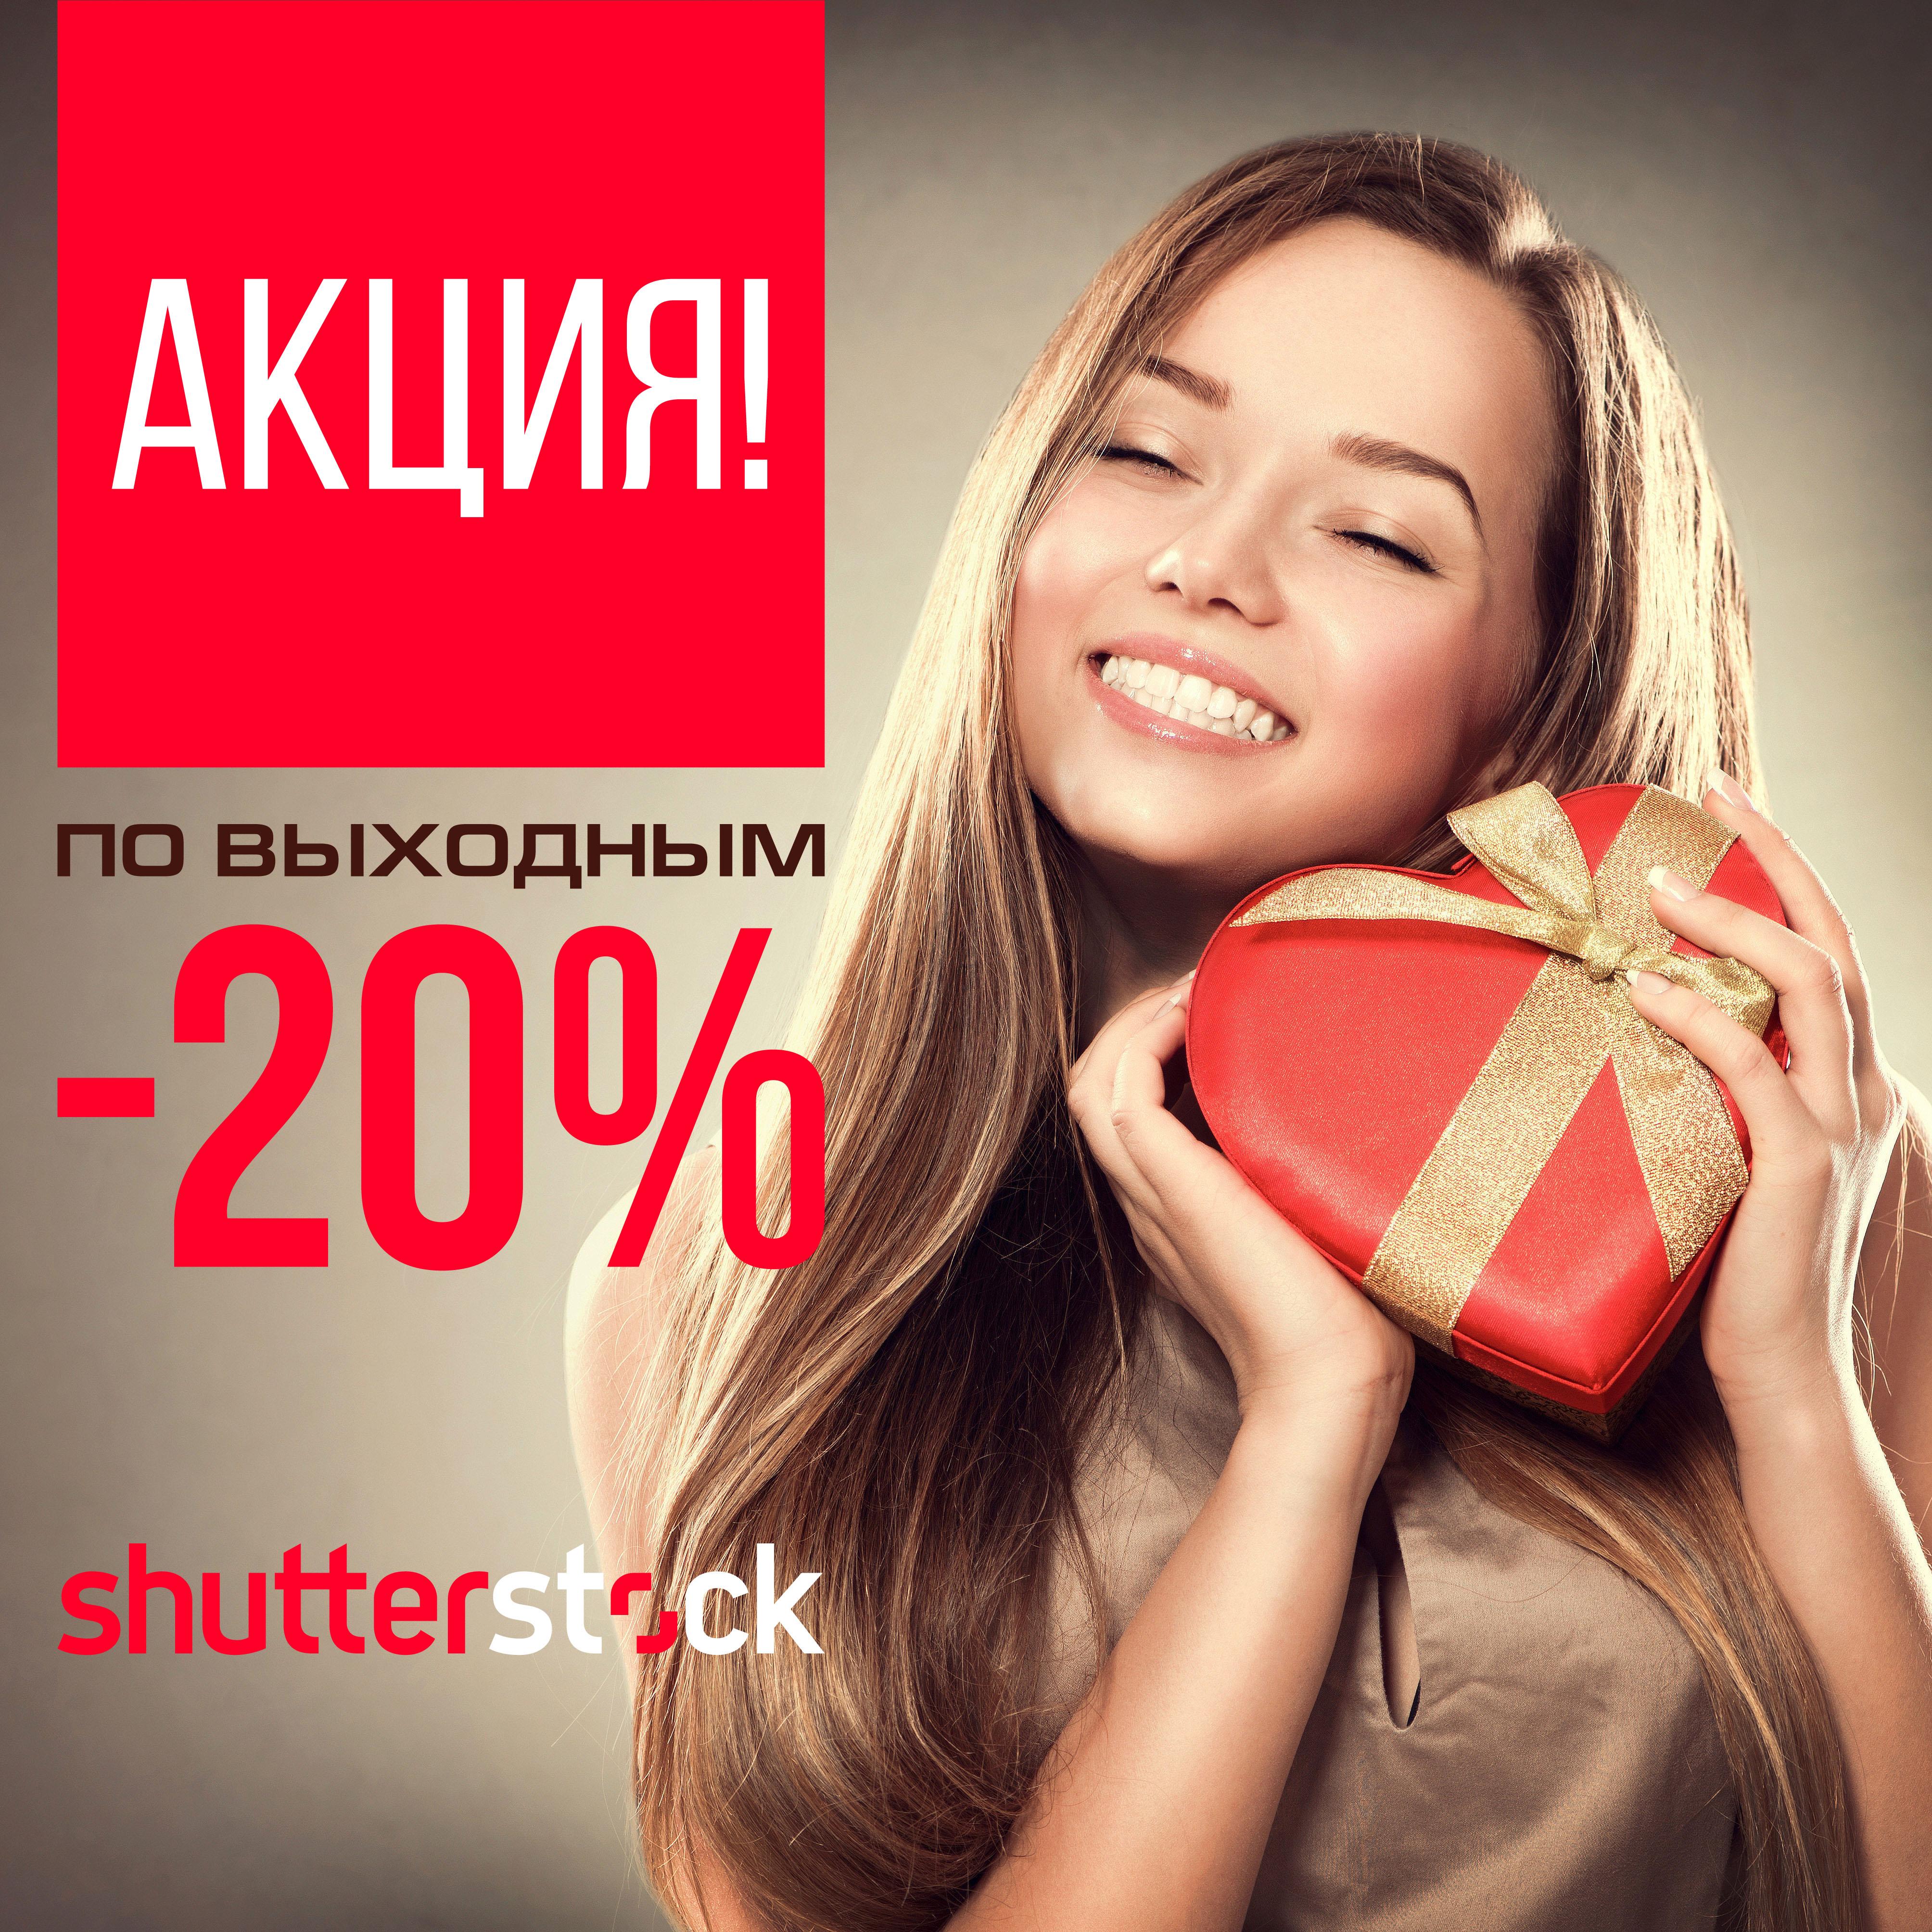 АКЦИЯ! Скидка 20% по выходным на любые изображения с фотобанка Shutterstock!